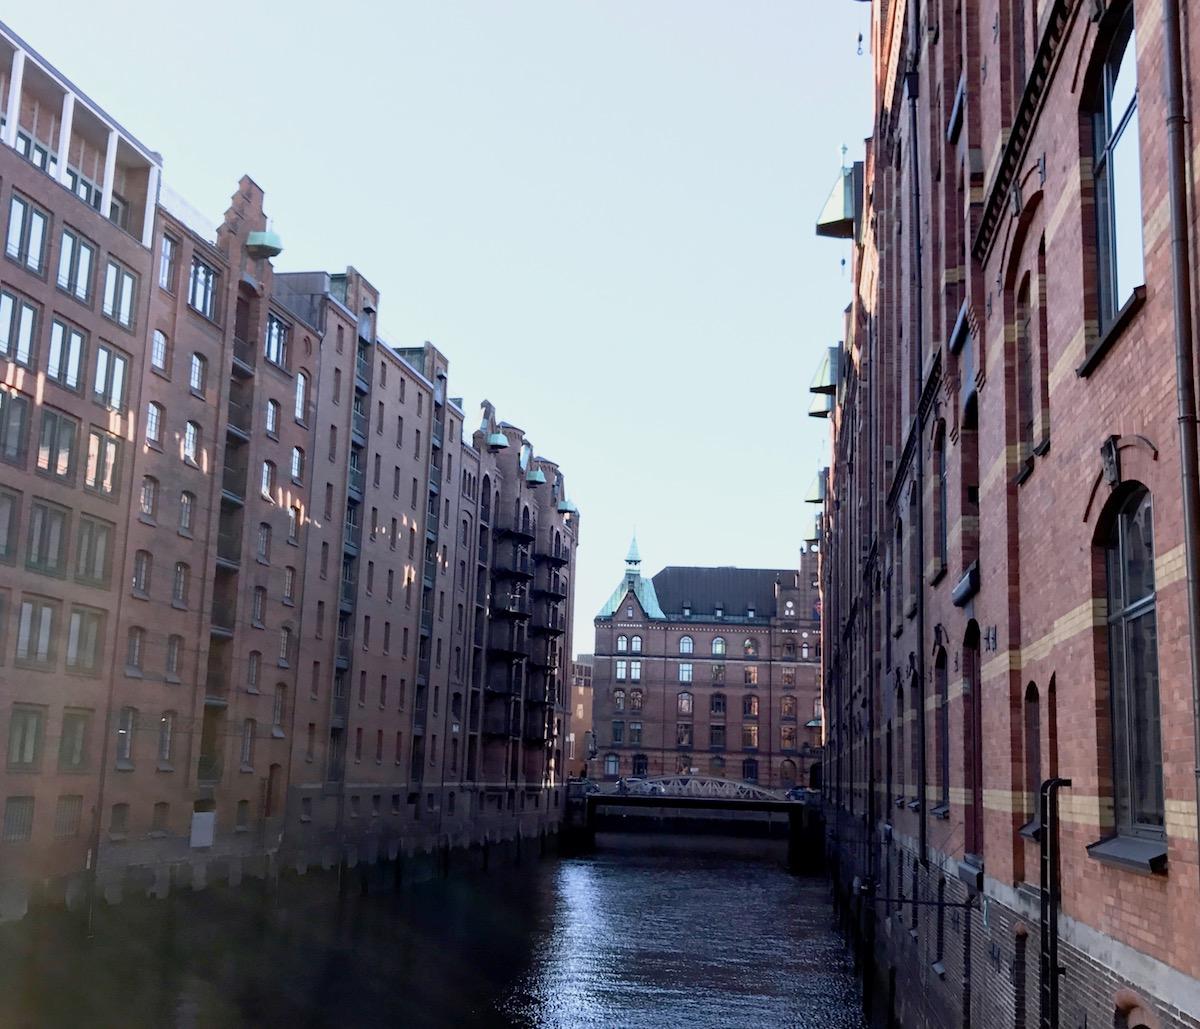 Hamburg Traveldiary: Tipps zu tollen Restaurants und Must See's Speicherstadt auf http://www.theblondelion.com/2017/02/hamburg-traveldiary-restaurants-spaziergaenge.html